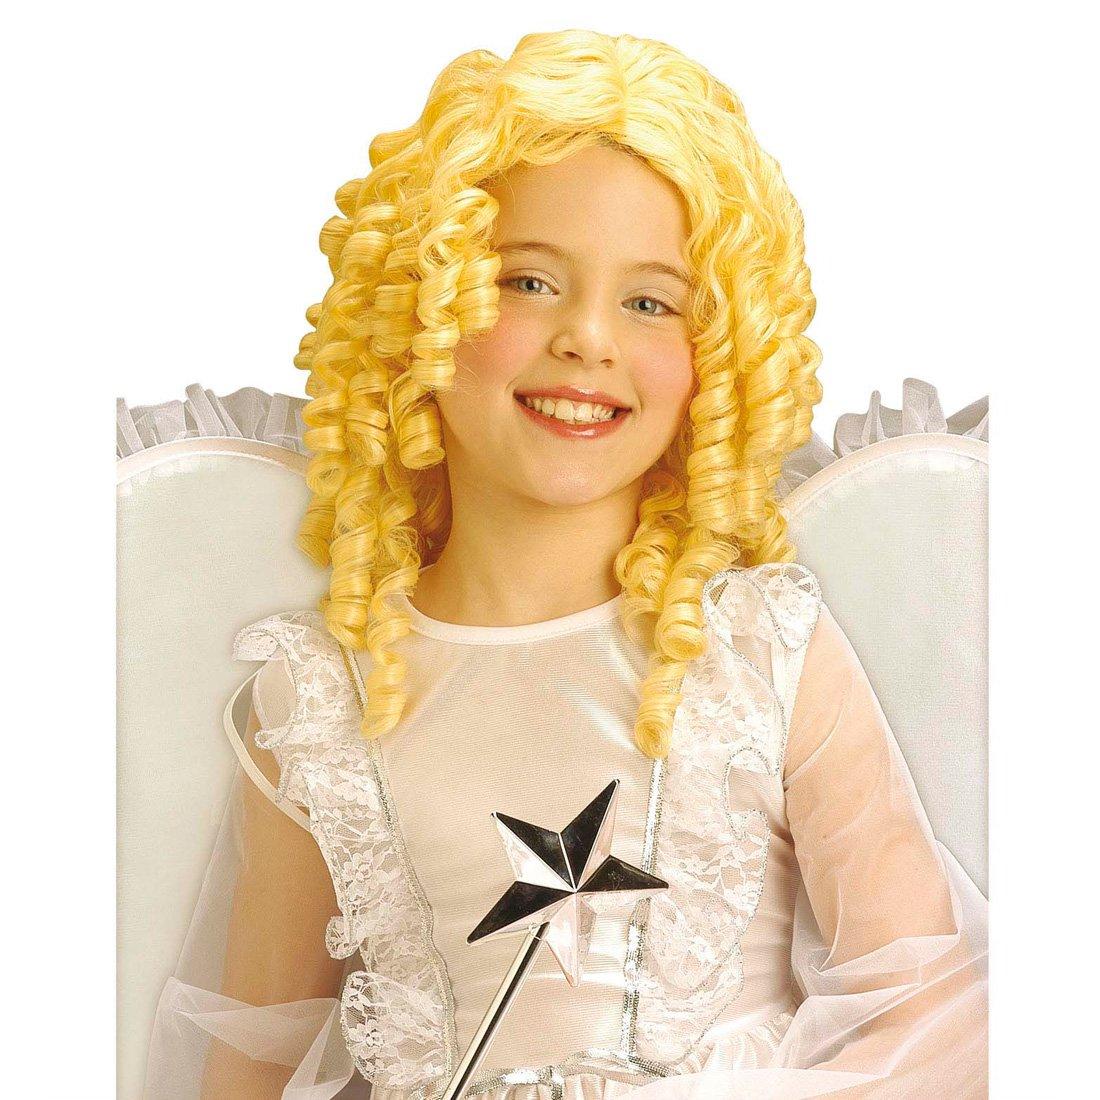 Engelsperücke blond Lockenperücke Engel Perücke Locken Engelperücke Weihnachten